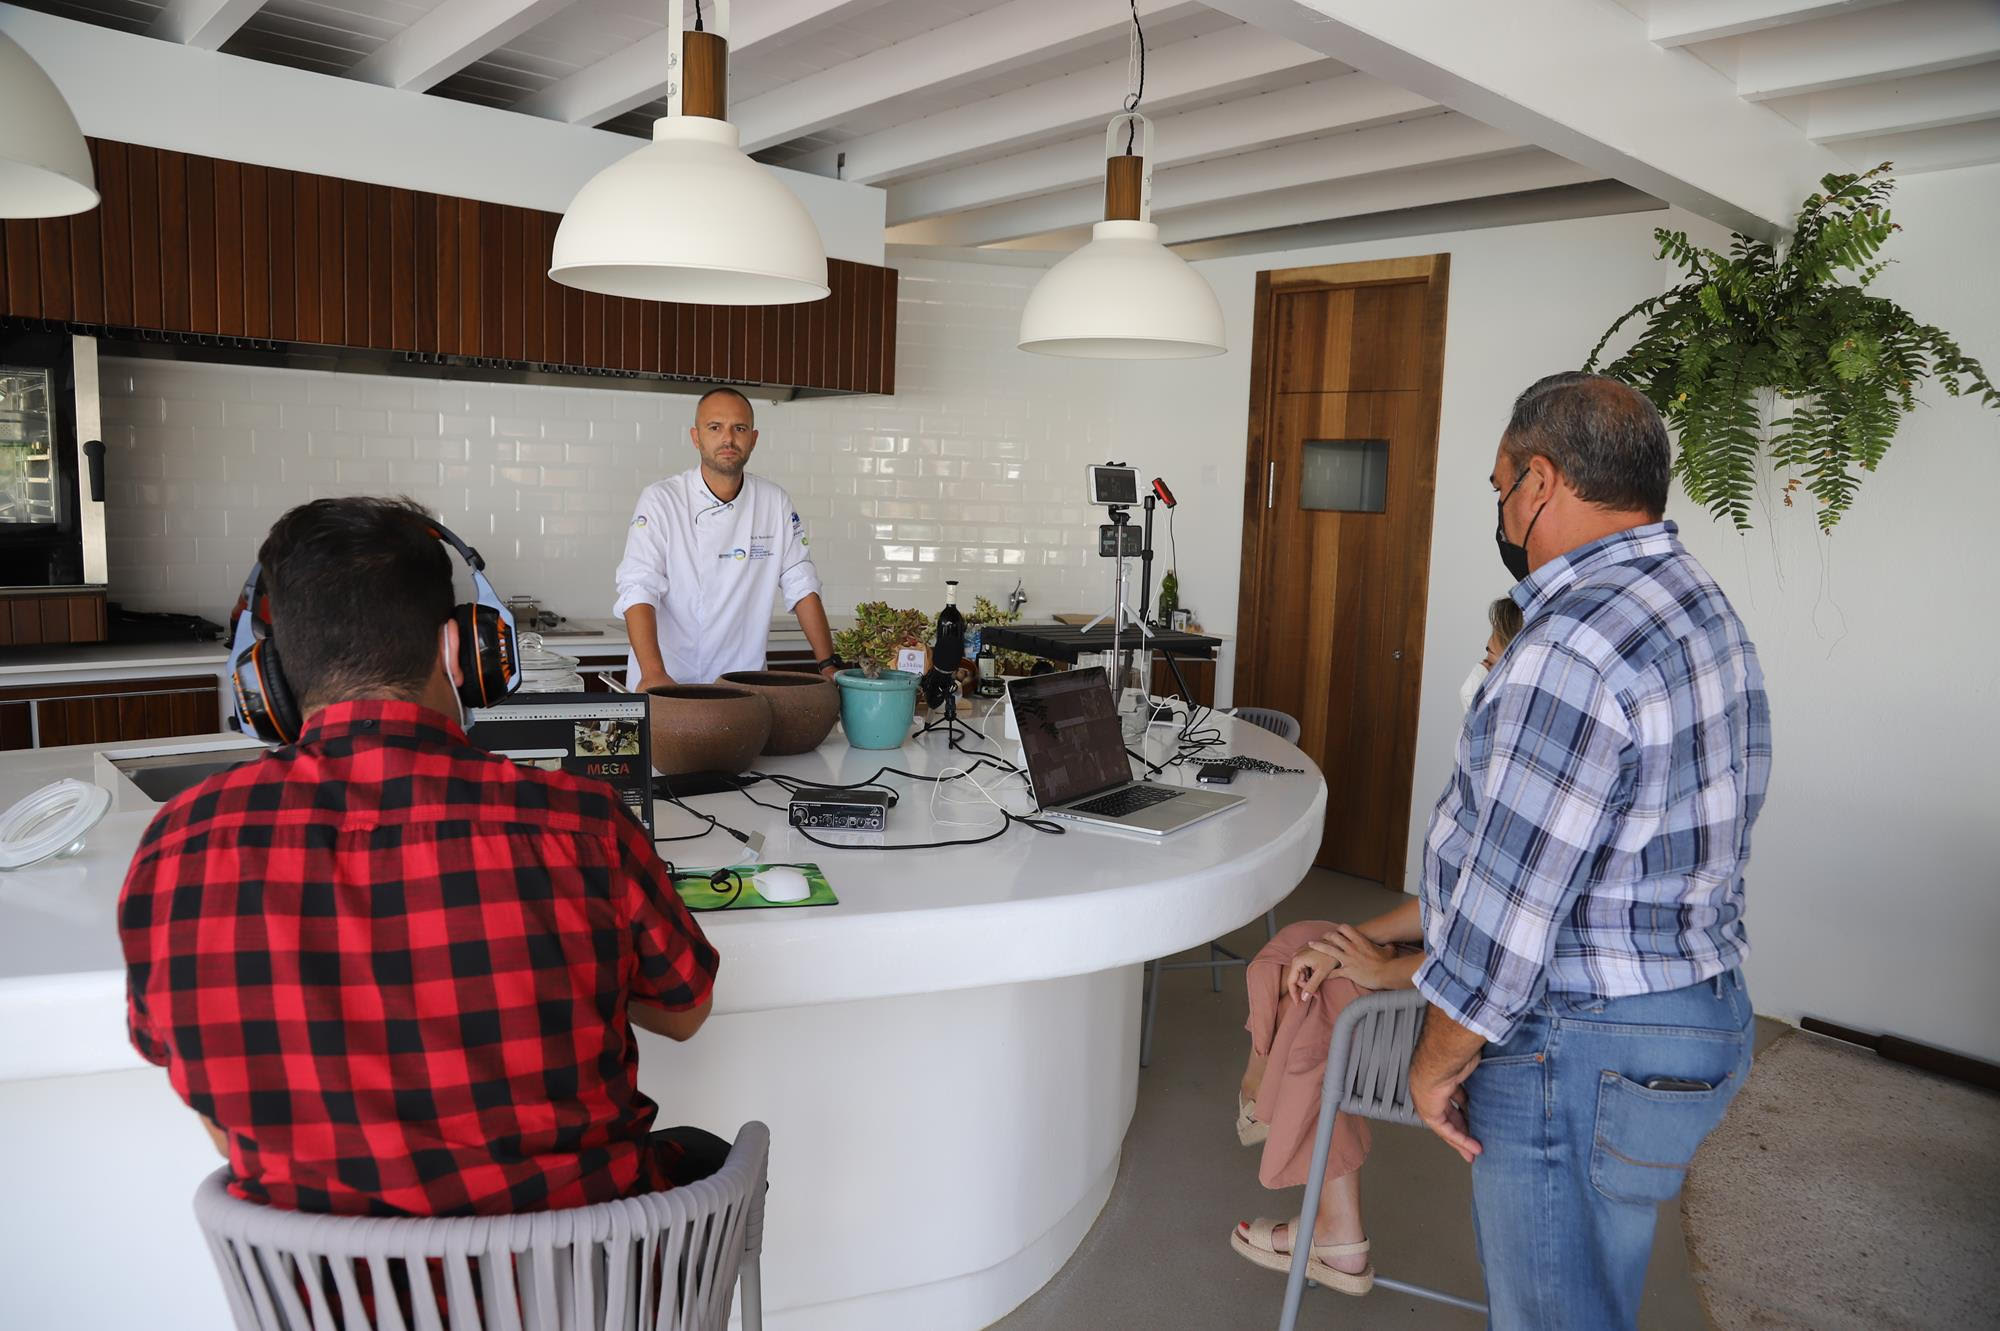 Las papas arrugadas, los vinos DO Lanzarote, los quesos de AQUAL, la sal de Janubio, los mojos y el gofio también protagonizaron el show cooking virtual organizado por Saborea España y la OET de Lisboa